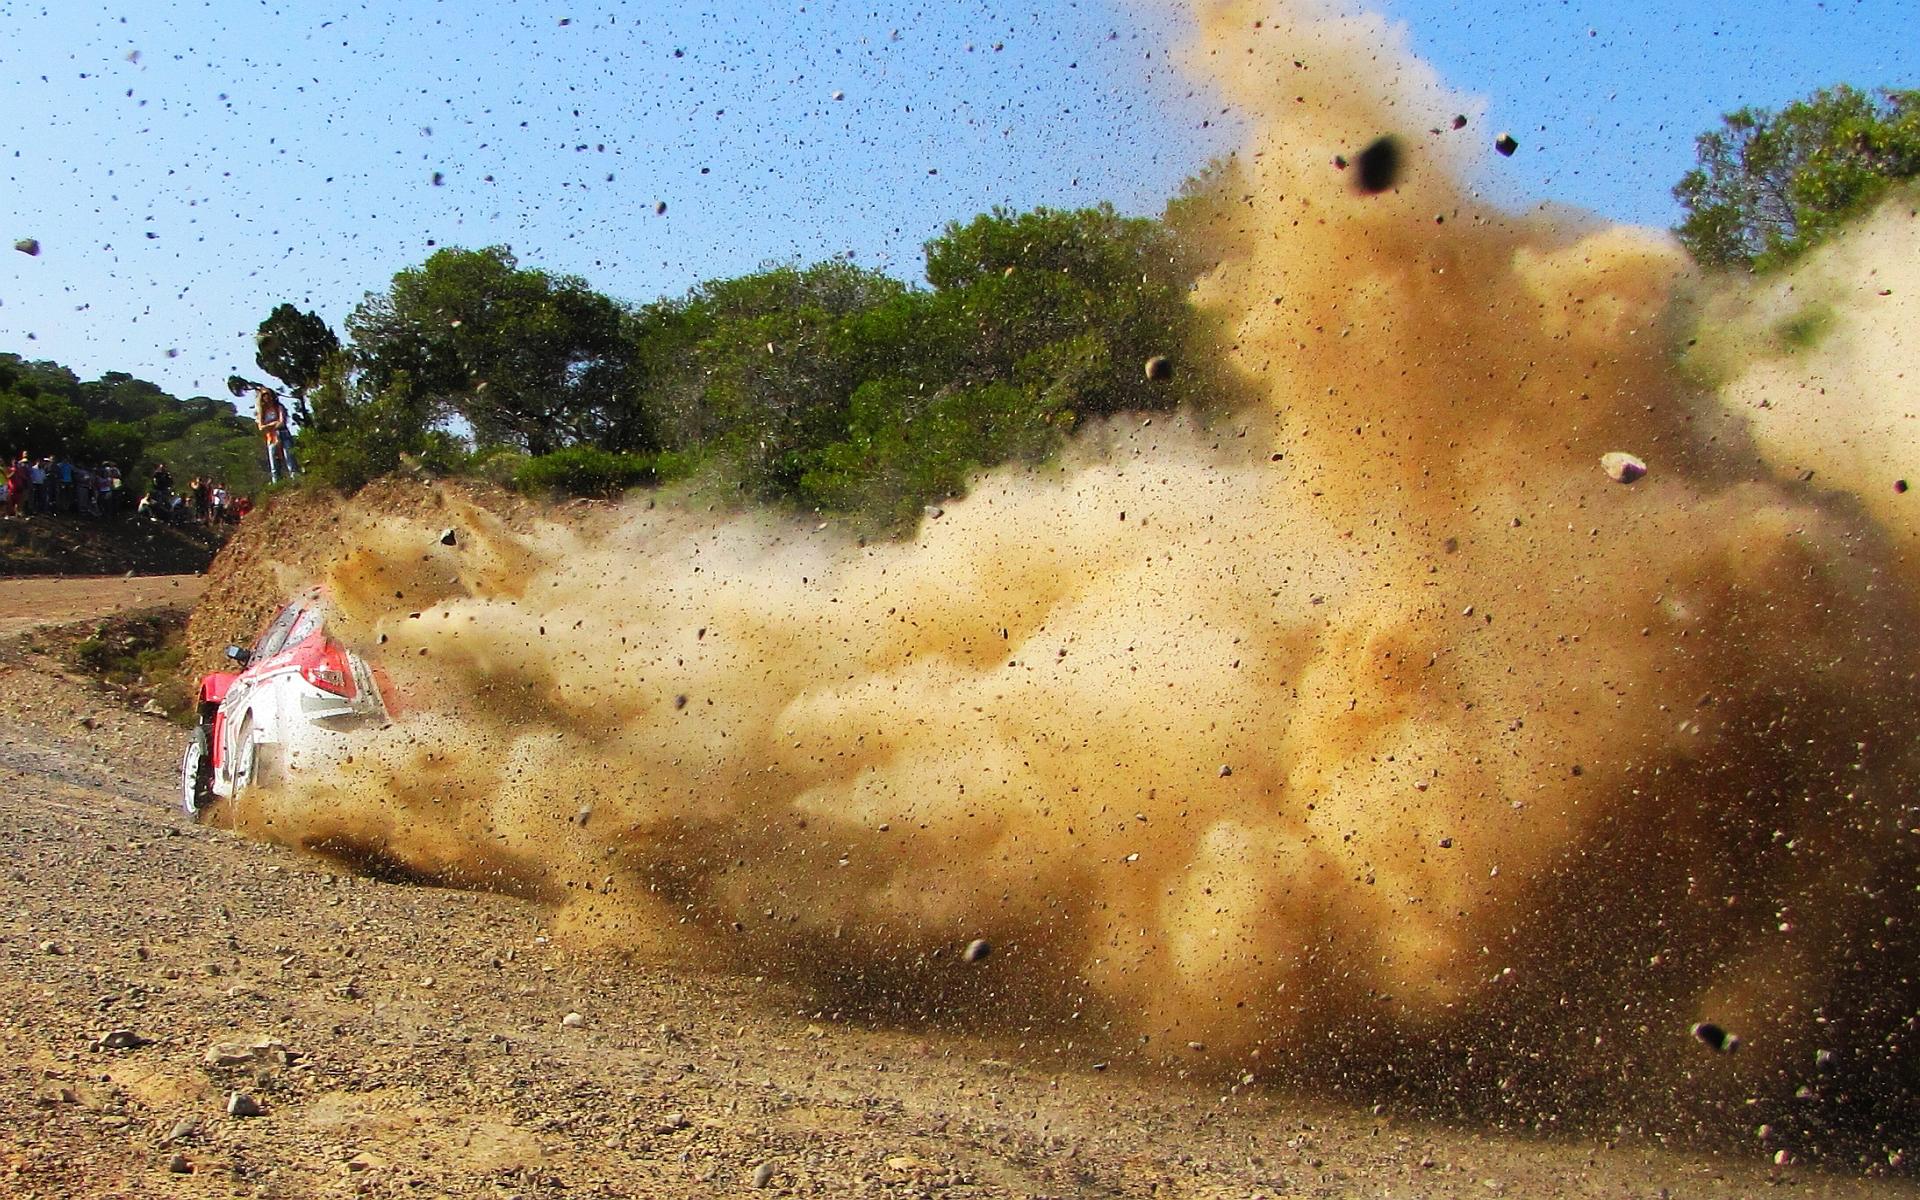 Wrc rallye dust stones